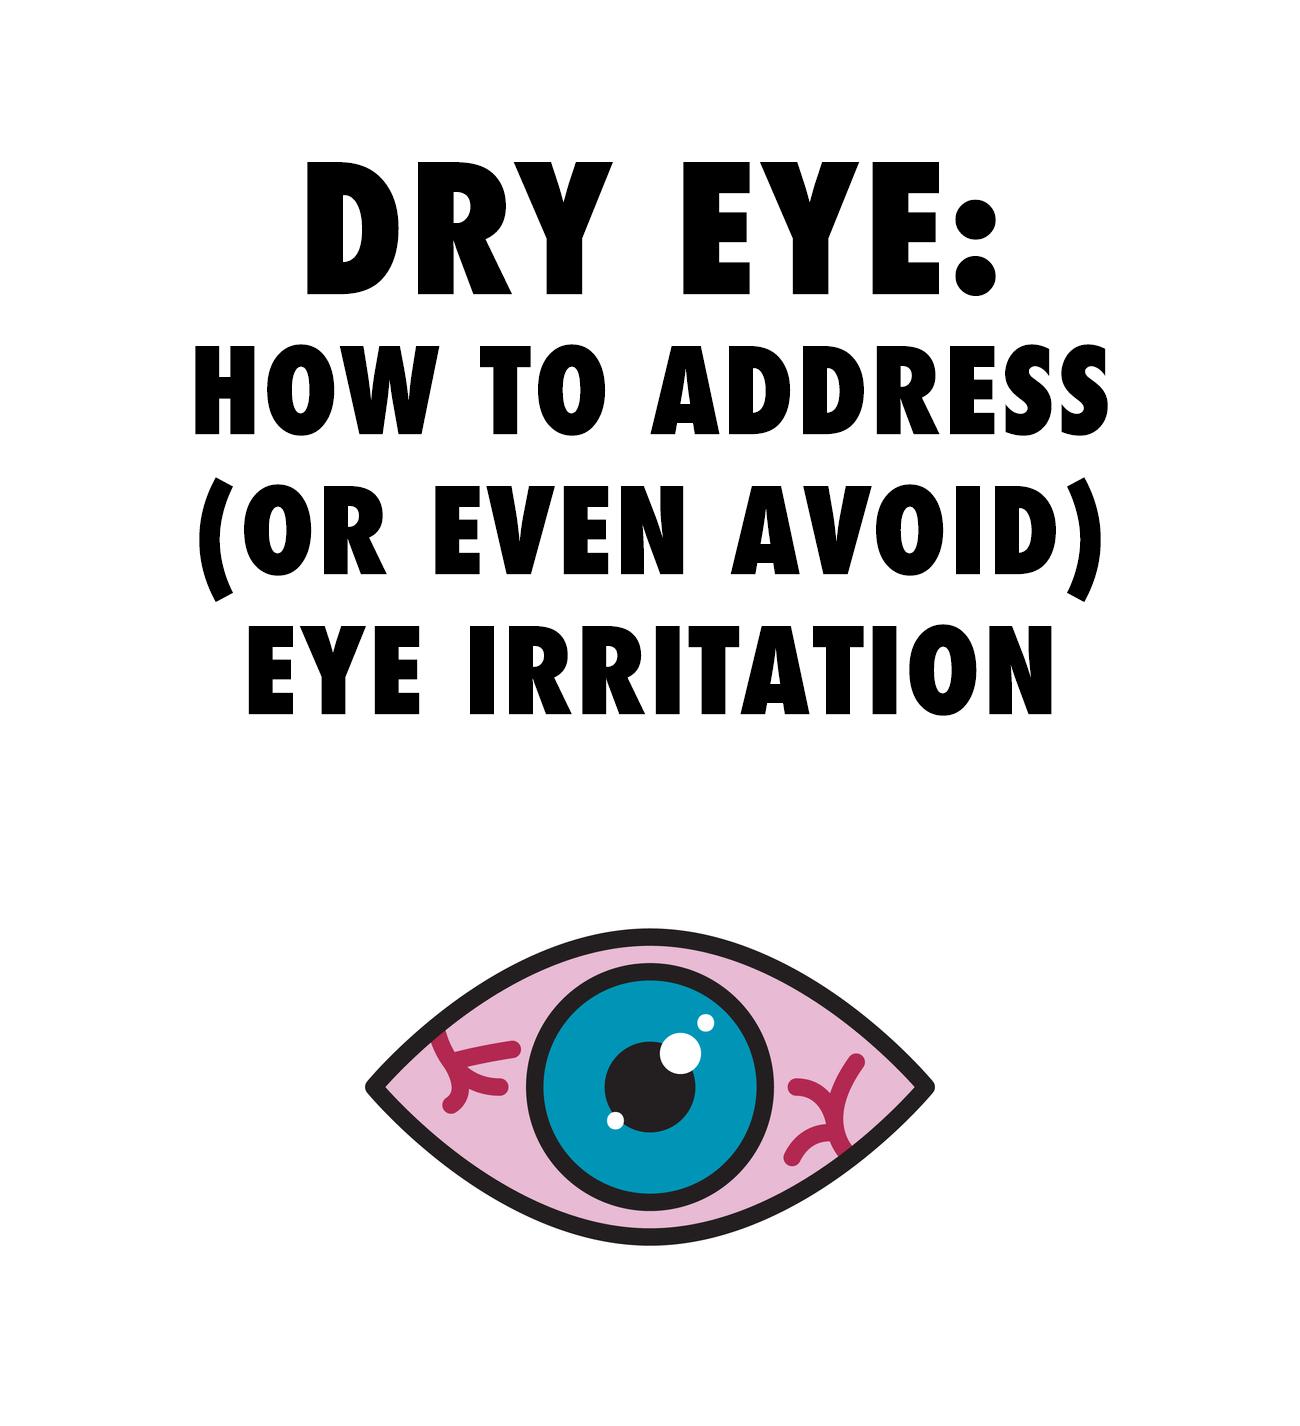 Dry Eye How to Address, or Even Avoid, Eye Irritation